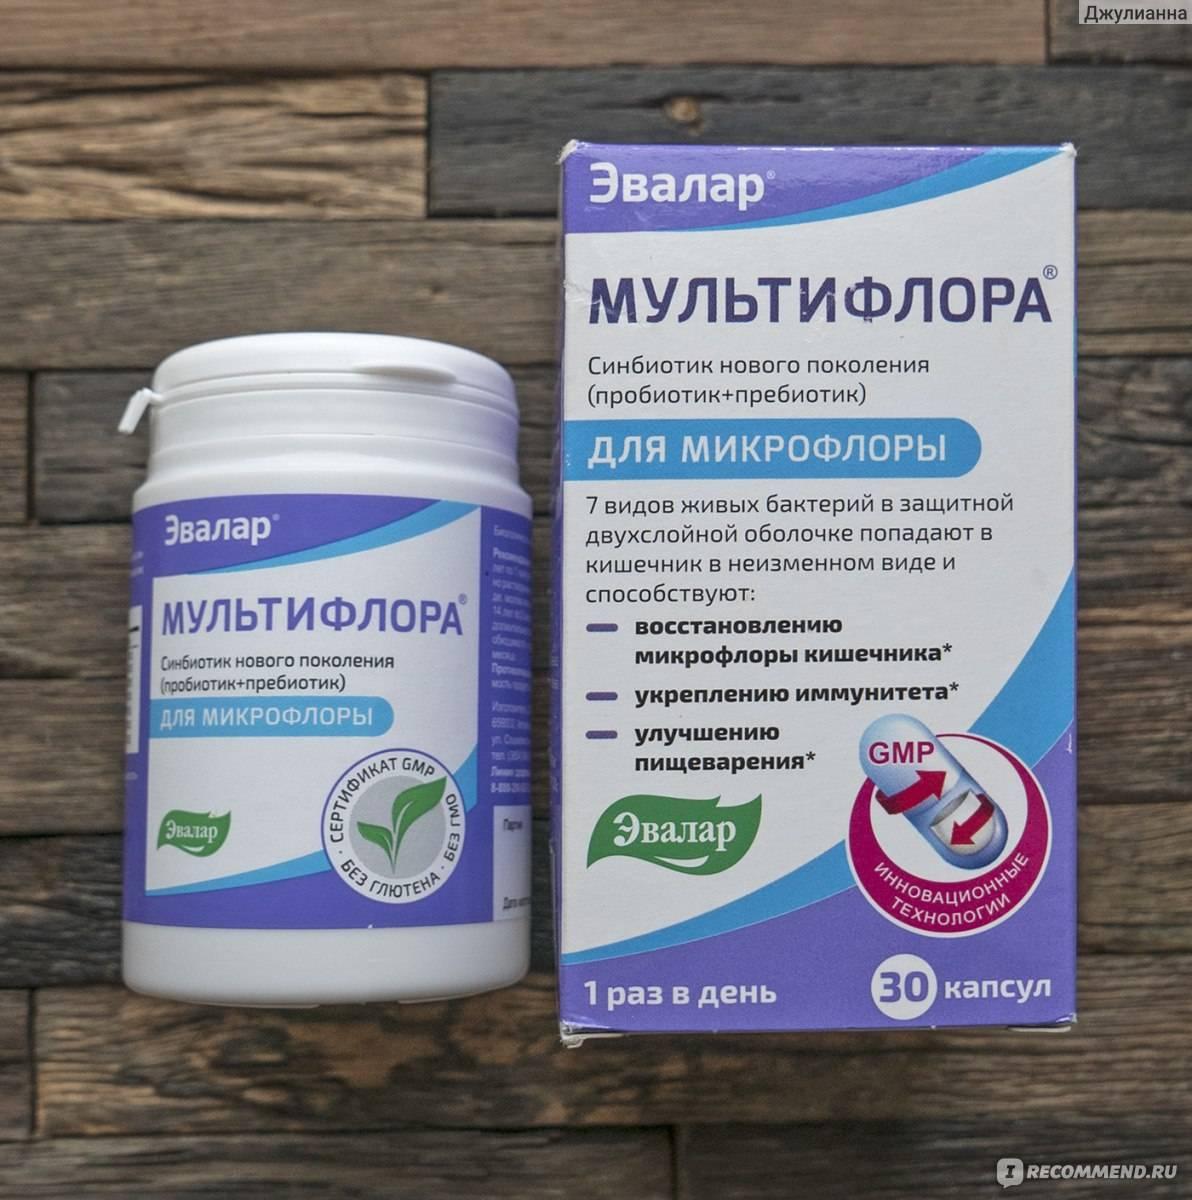 Пробиотики для детей: какие лучше выбрать для детского кишечника, применение после антибиотиков